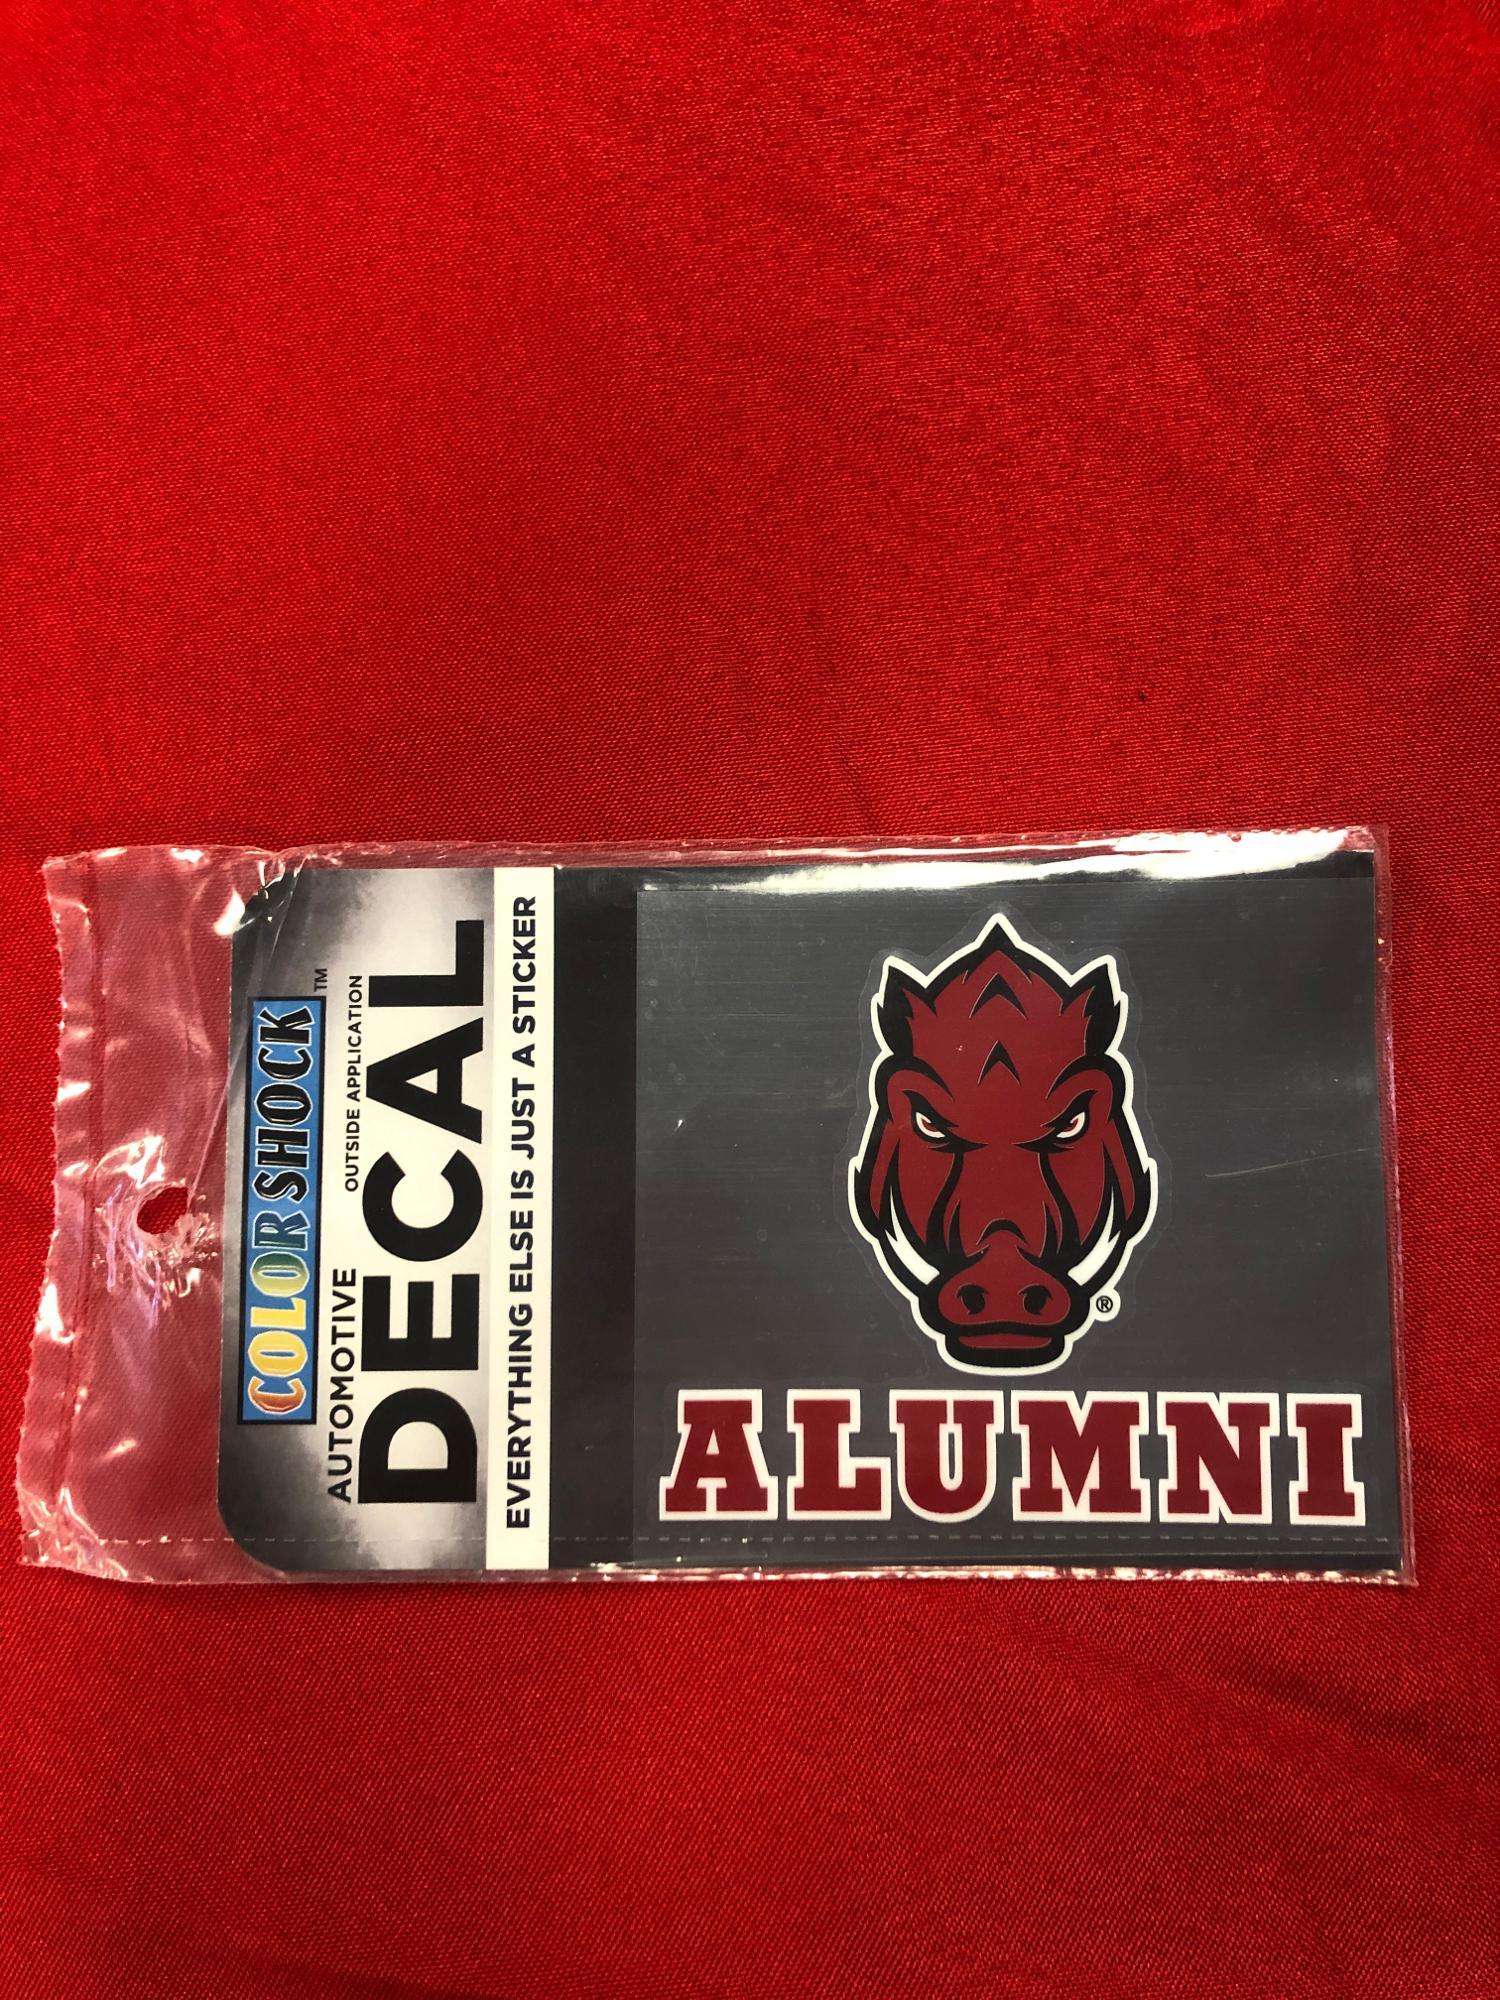 image of: Arkansas Razorbacks Color Shock Front Facing Hog Alumni Decal - Red